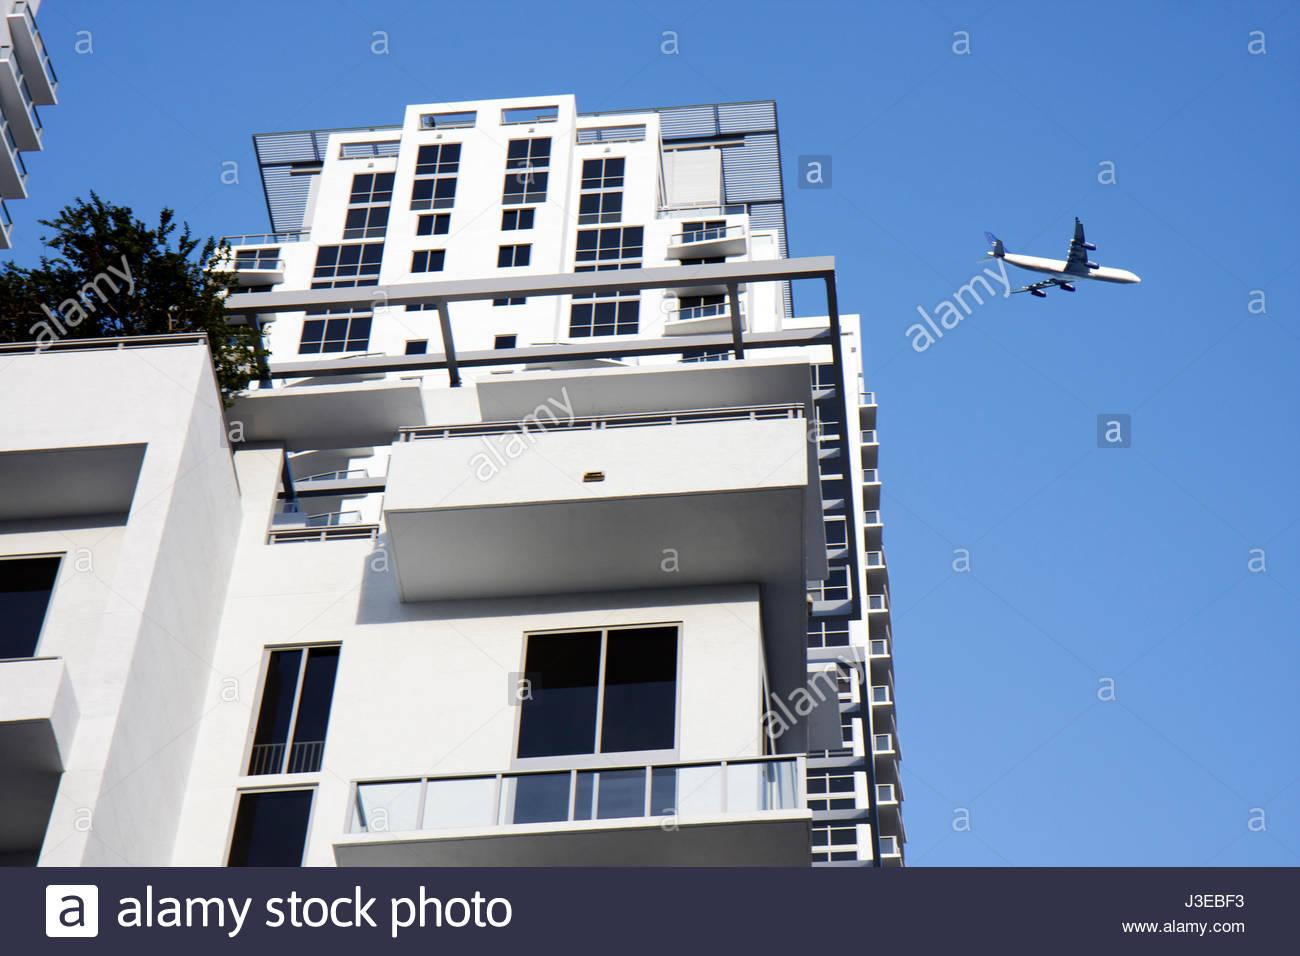 Miami Florida Brickell Area building high rise multi-family ...